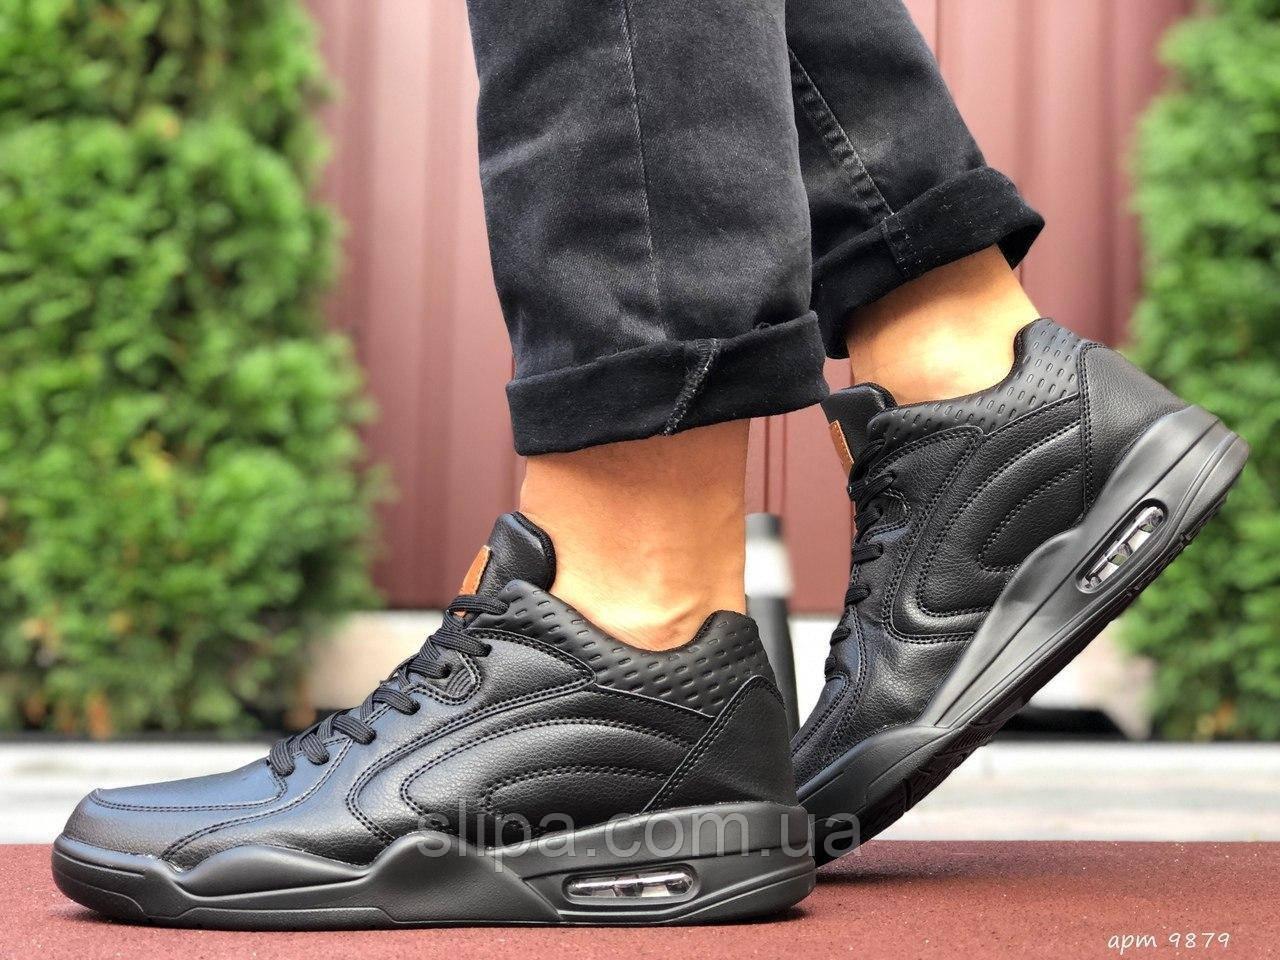 Чоловічі шкіряні кросівки чорні Stilli